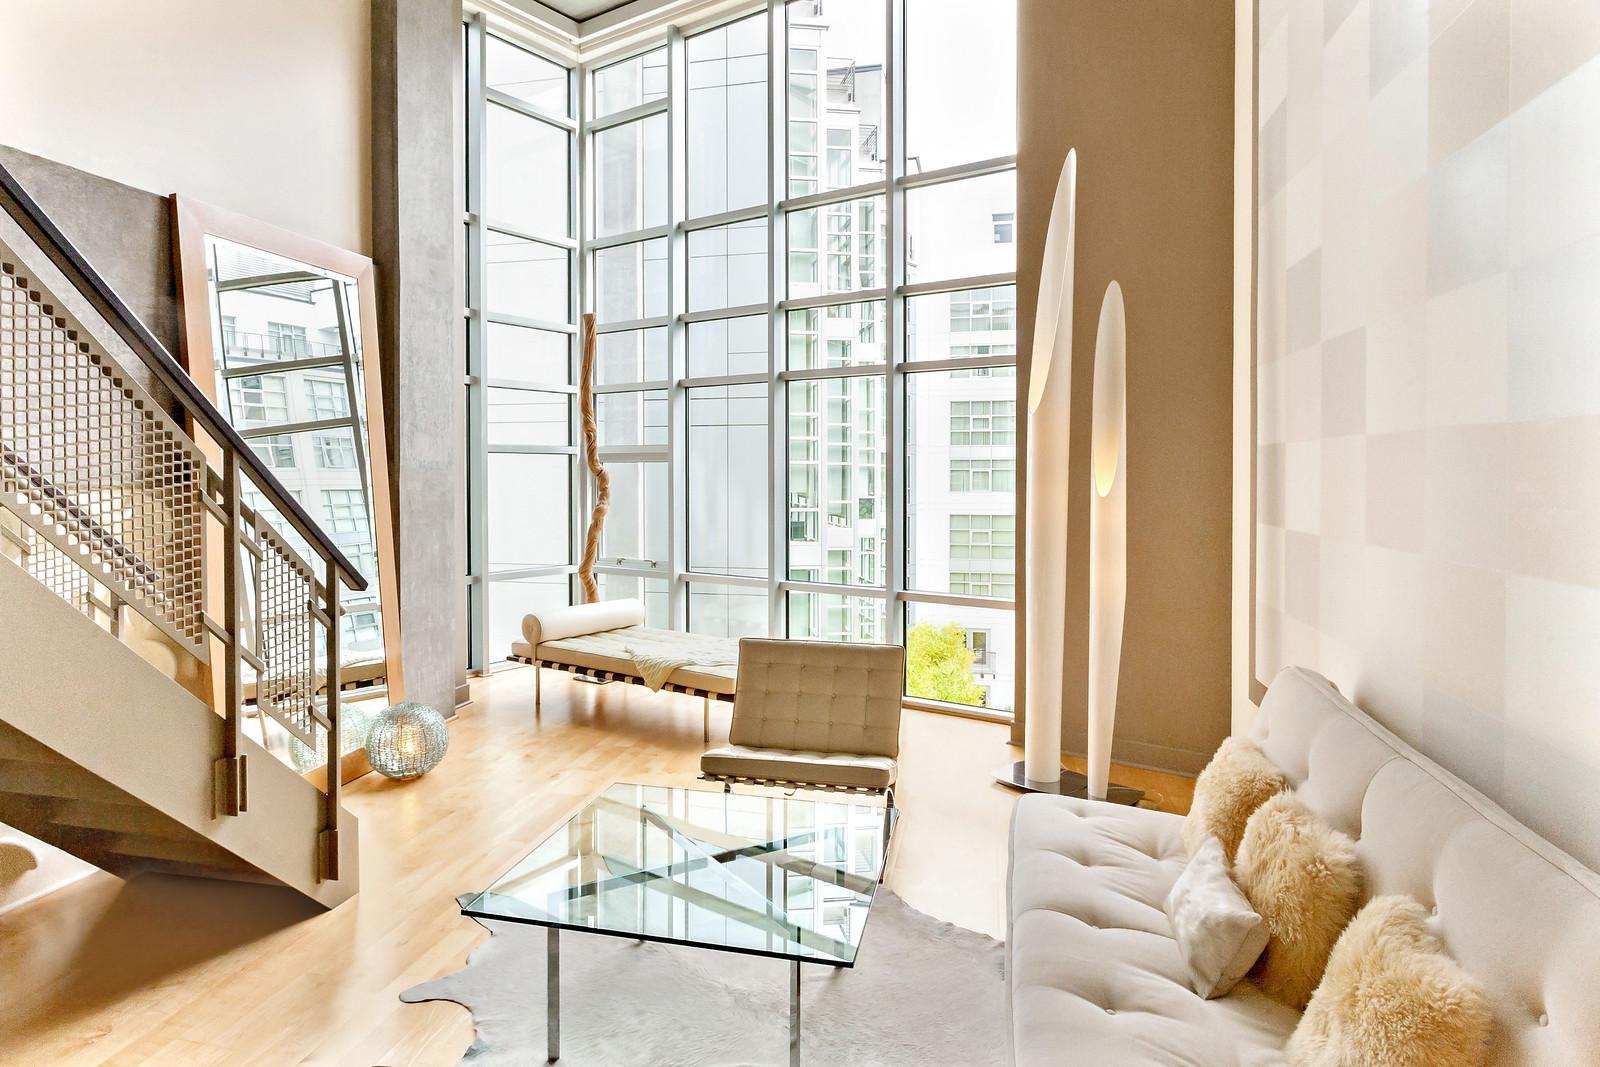 luxe-living-001_.jpg